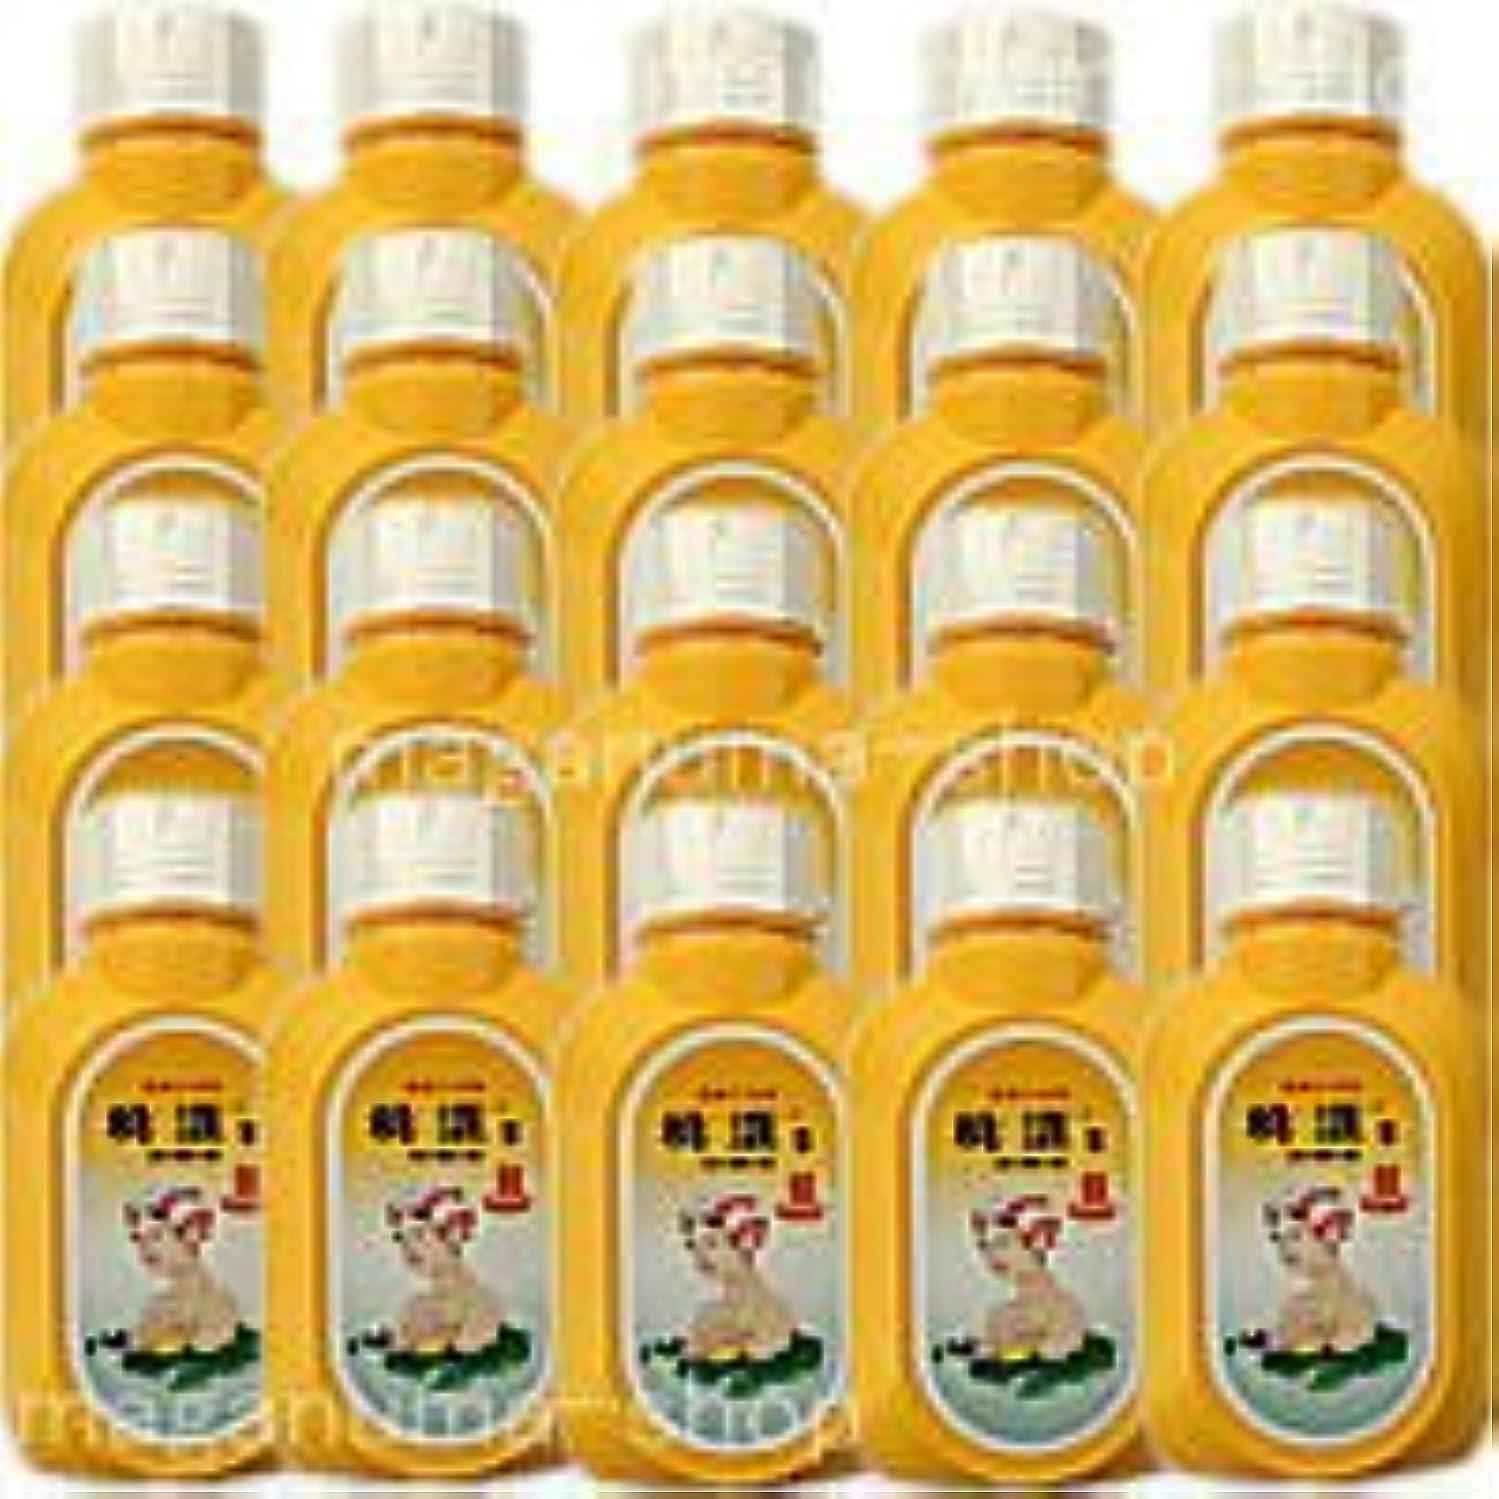 かわすファックス複製桃源S 桃の葉の精 700g(オレンジ) 20個